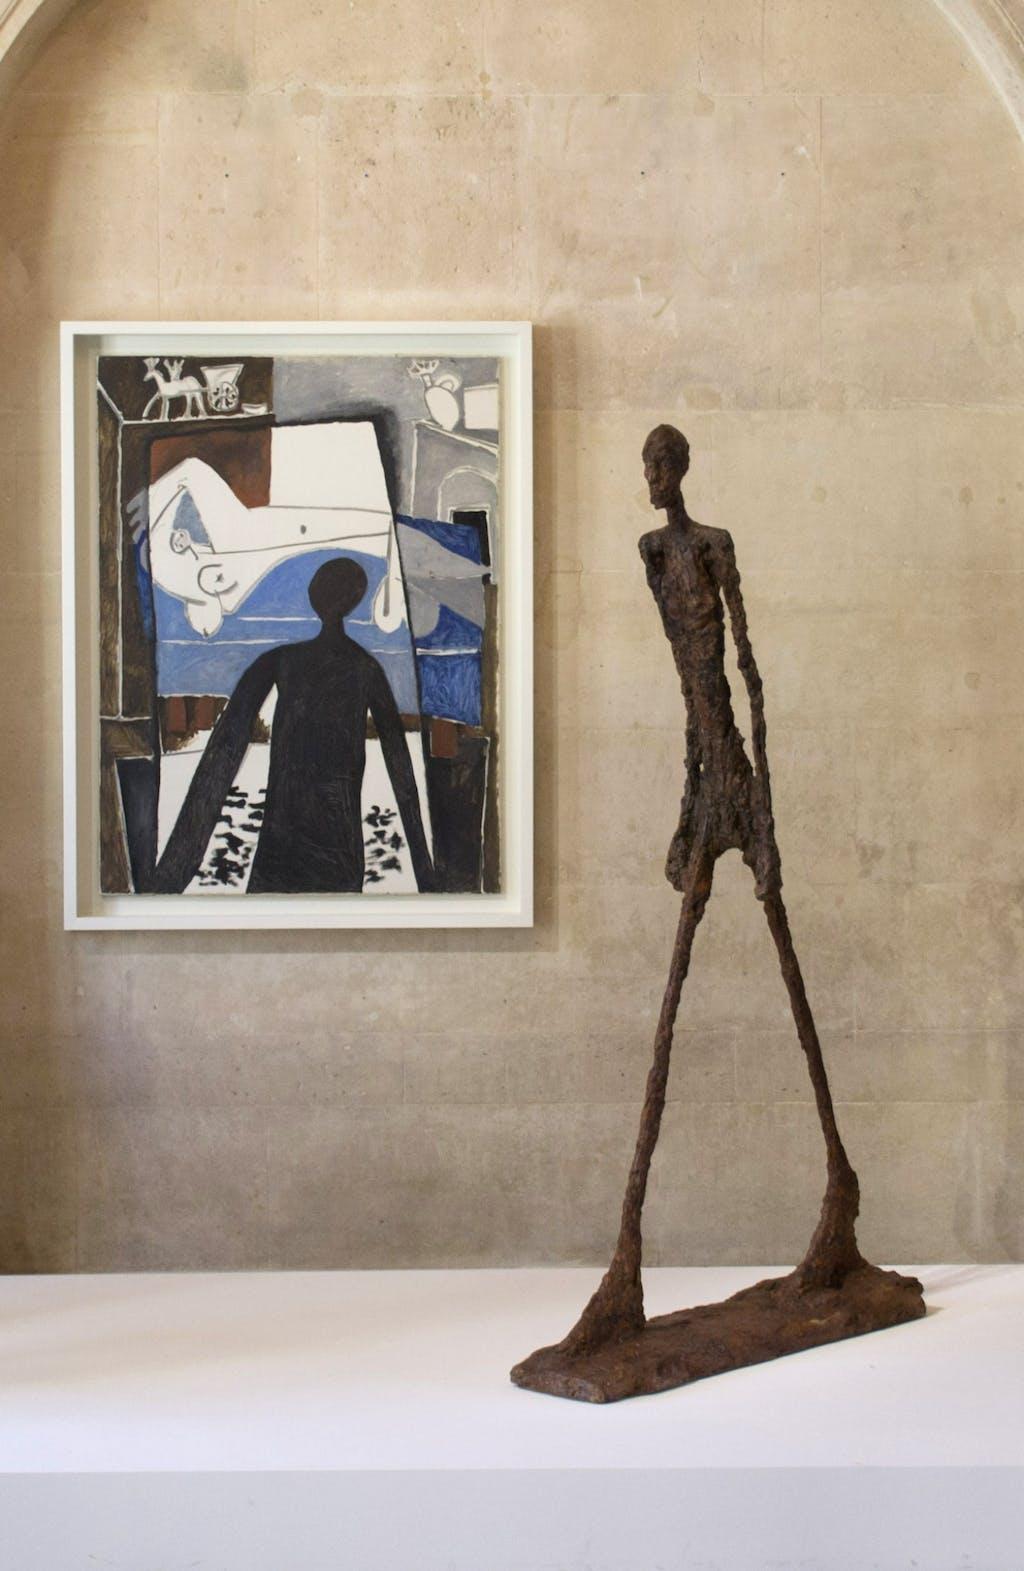 Exhibition view, Musée National Picasso, Paris - © kamel mennour